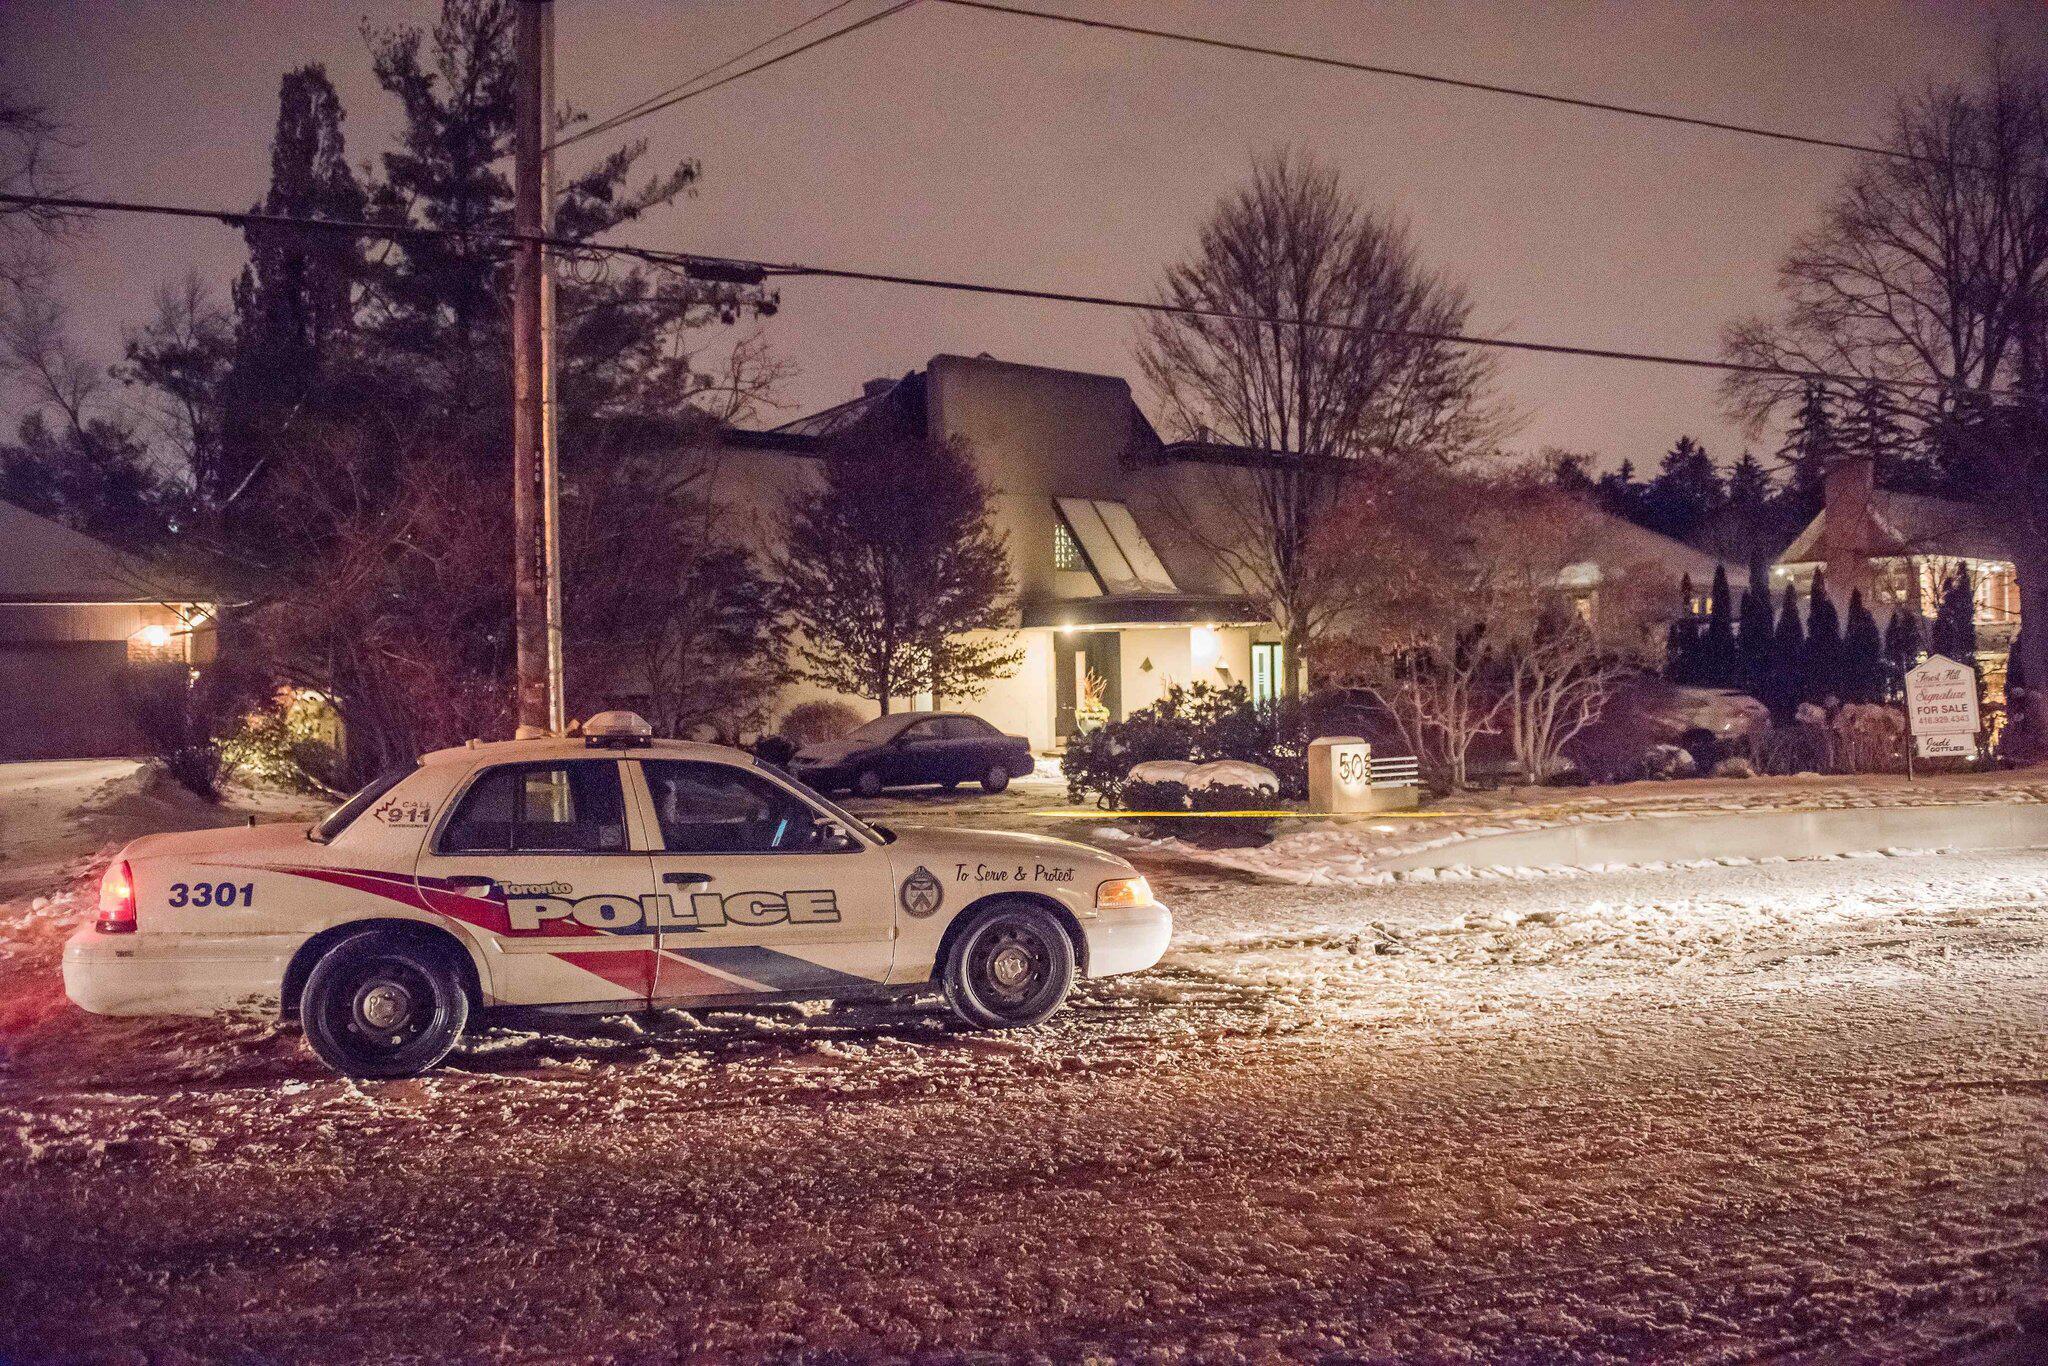 Bild zu Kanadischer Pharma-Milliardär und Ehefrau tot aufgefunden